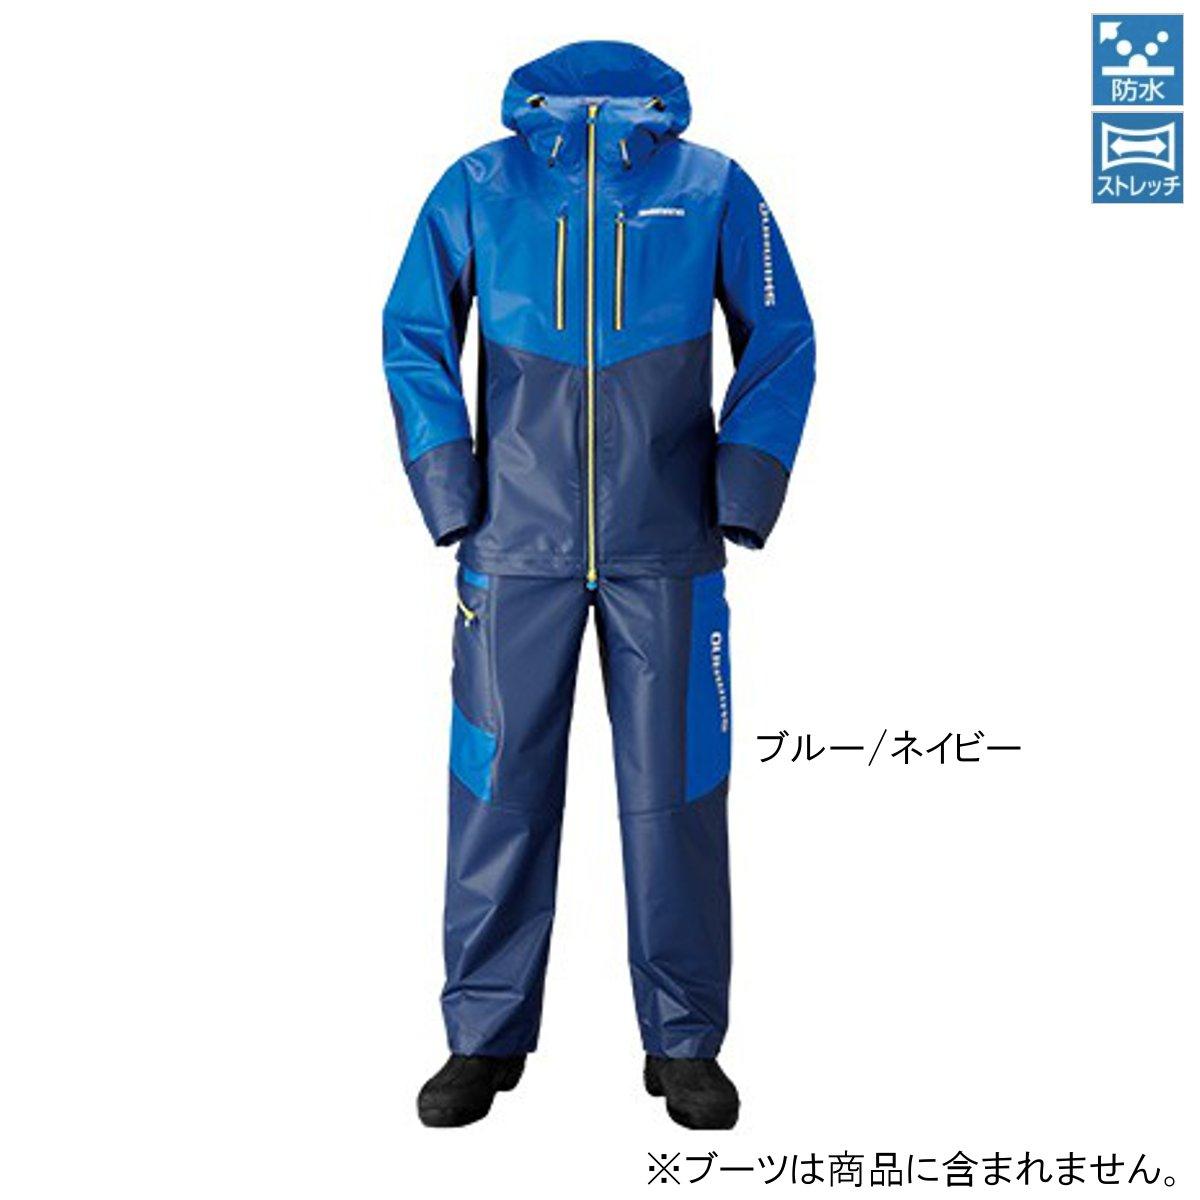 シマノ マリンライトスーツ RA-034N XL ブルー/ネイビー【送料無料】